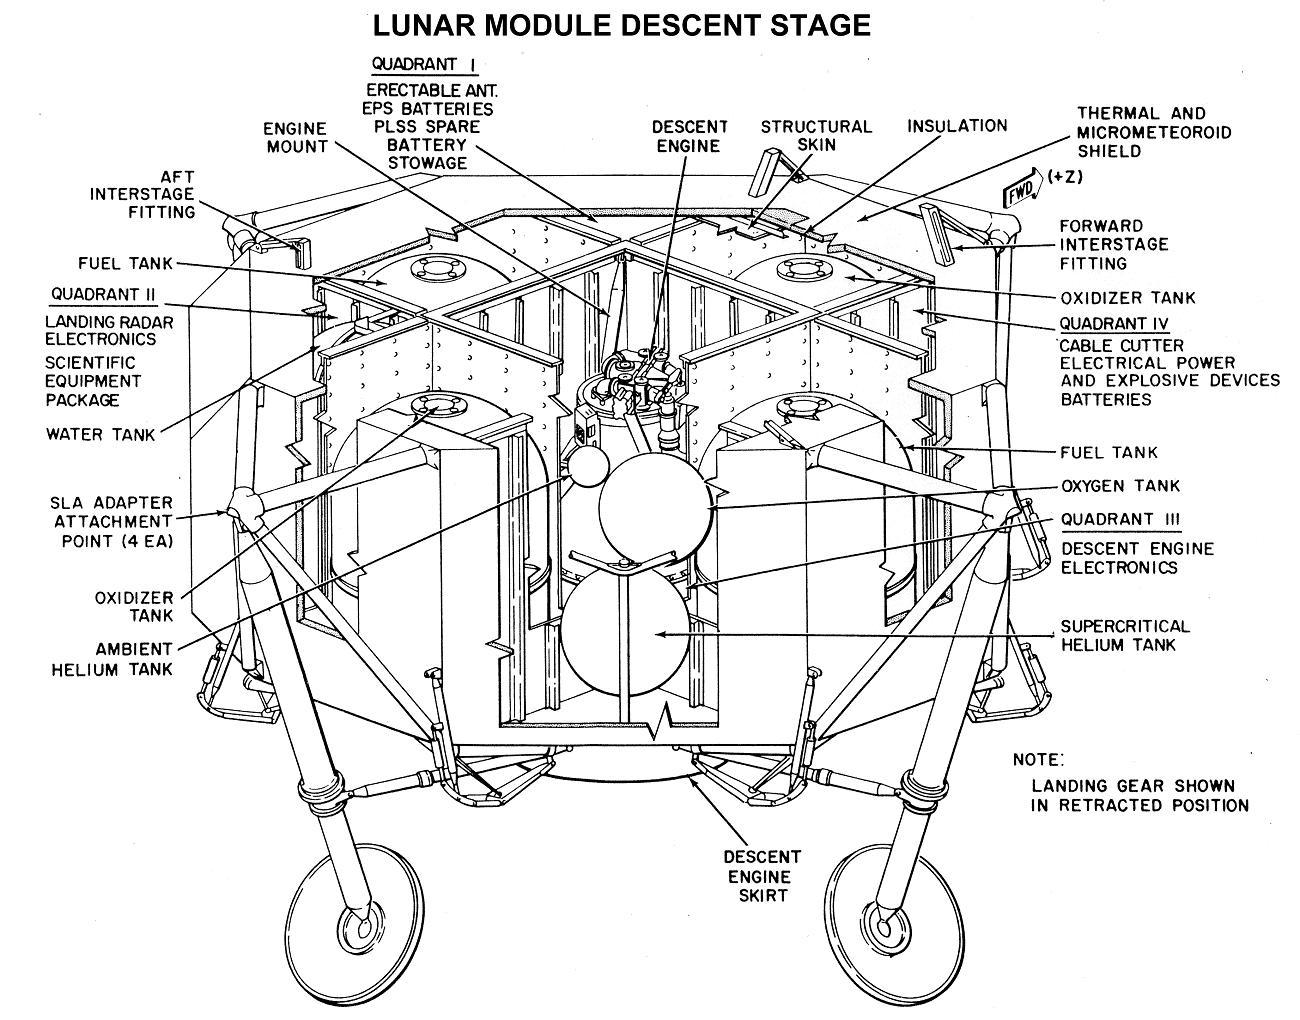 Il Rover Compare Nelle Missioni Apollo 15 16 17